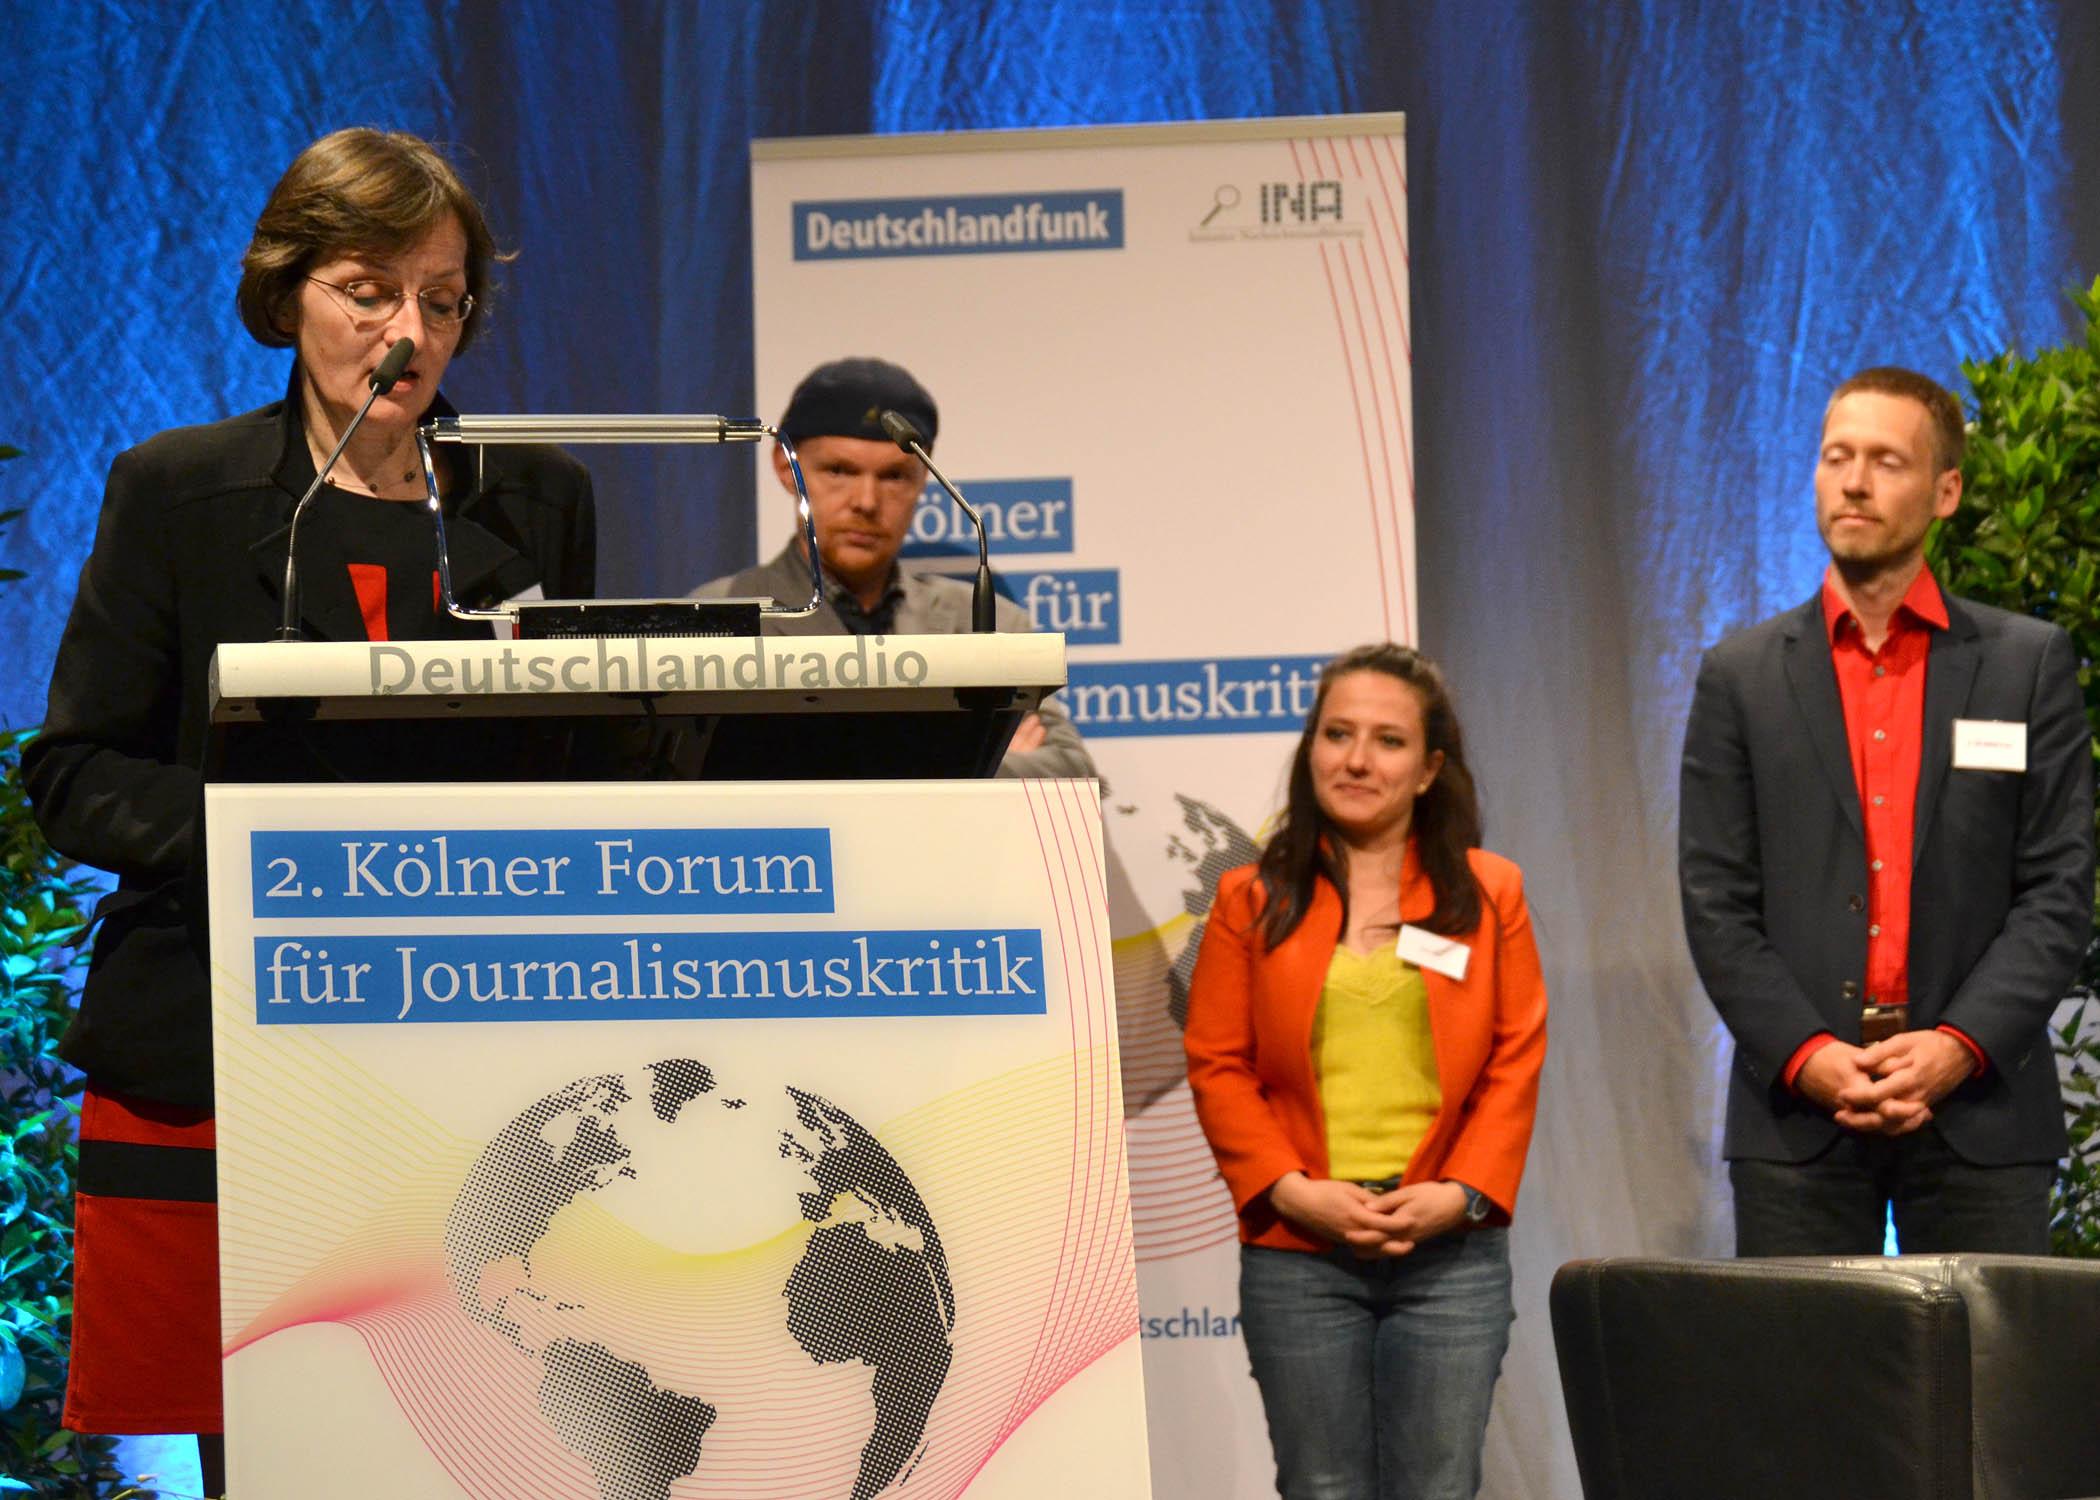 Höhepunkt der Veranstaltung: die Verleihung des Günter-Wallraff-Preis für Journalismuskritik.